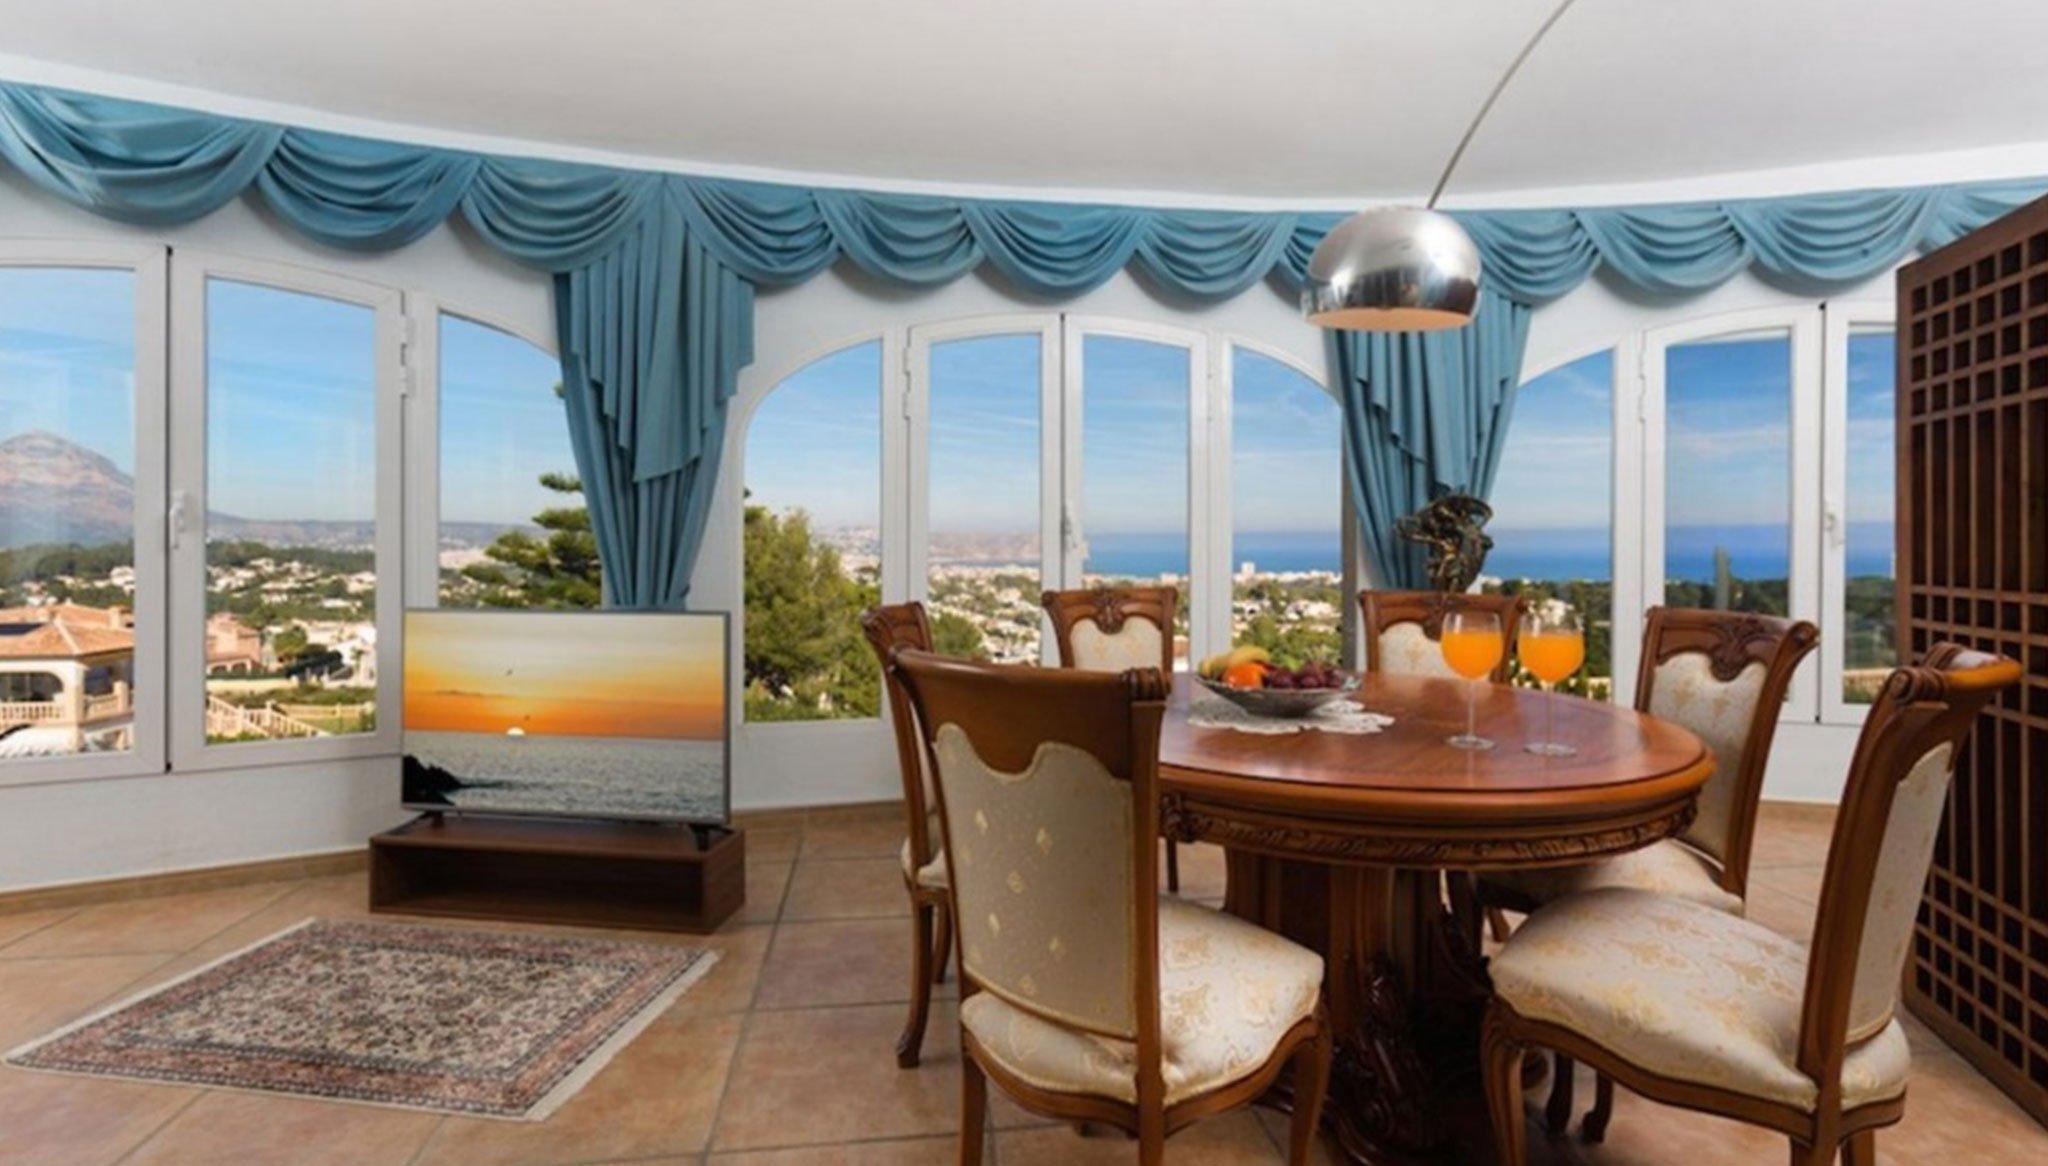 Mirador en una casa de alto standing en venta en Jávea – Terramar Costa Blanca